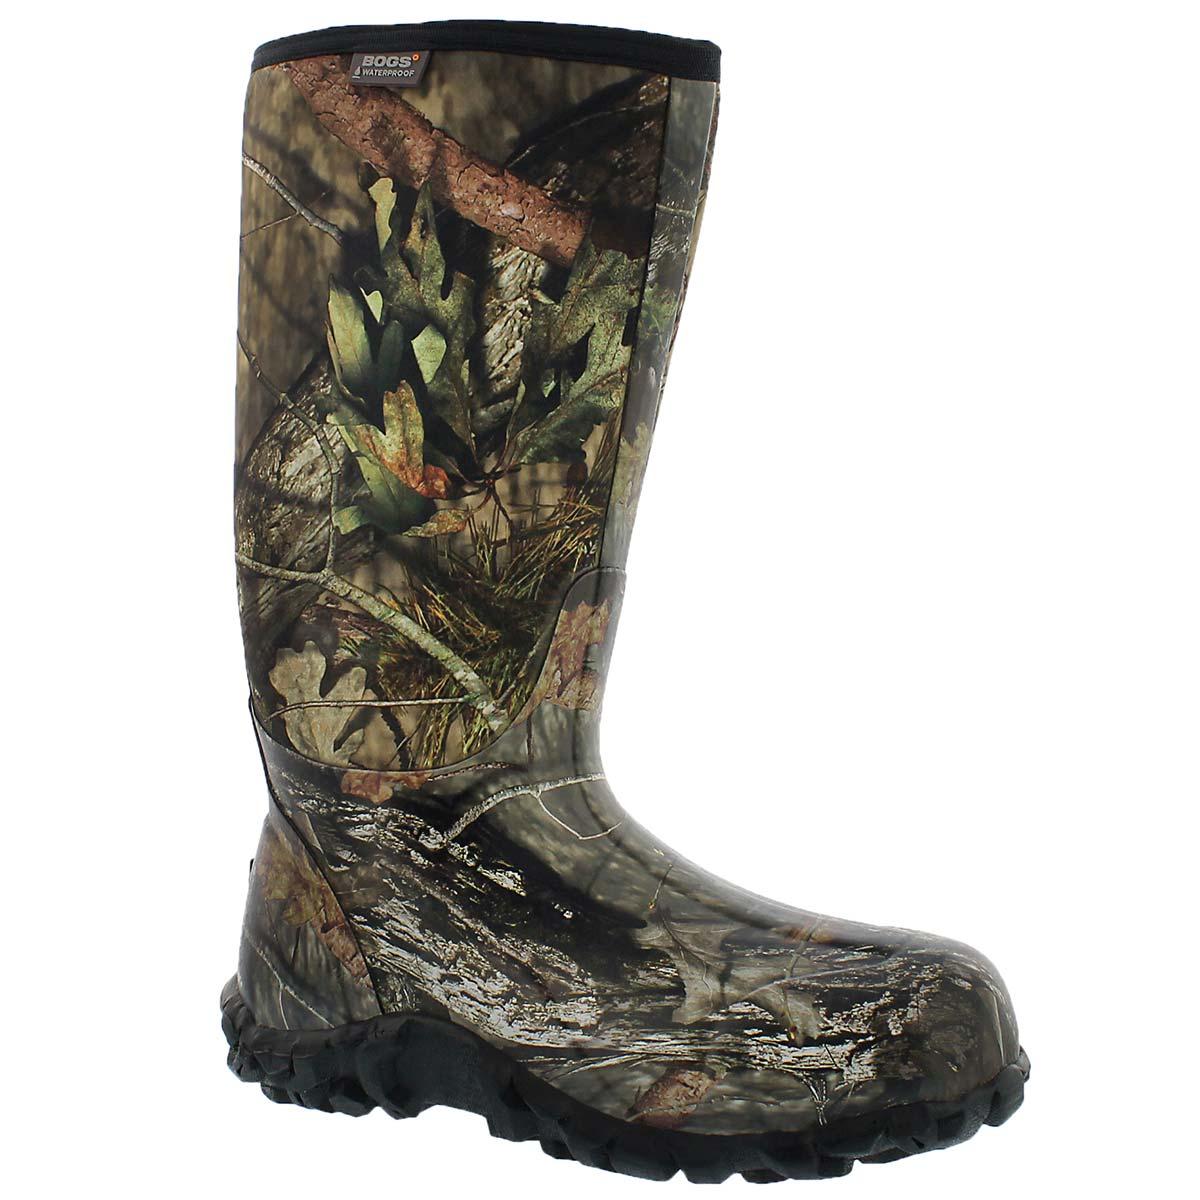 Mns Classic Hi Mossy Oak wtrpf boot